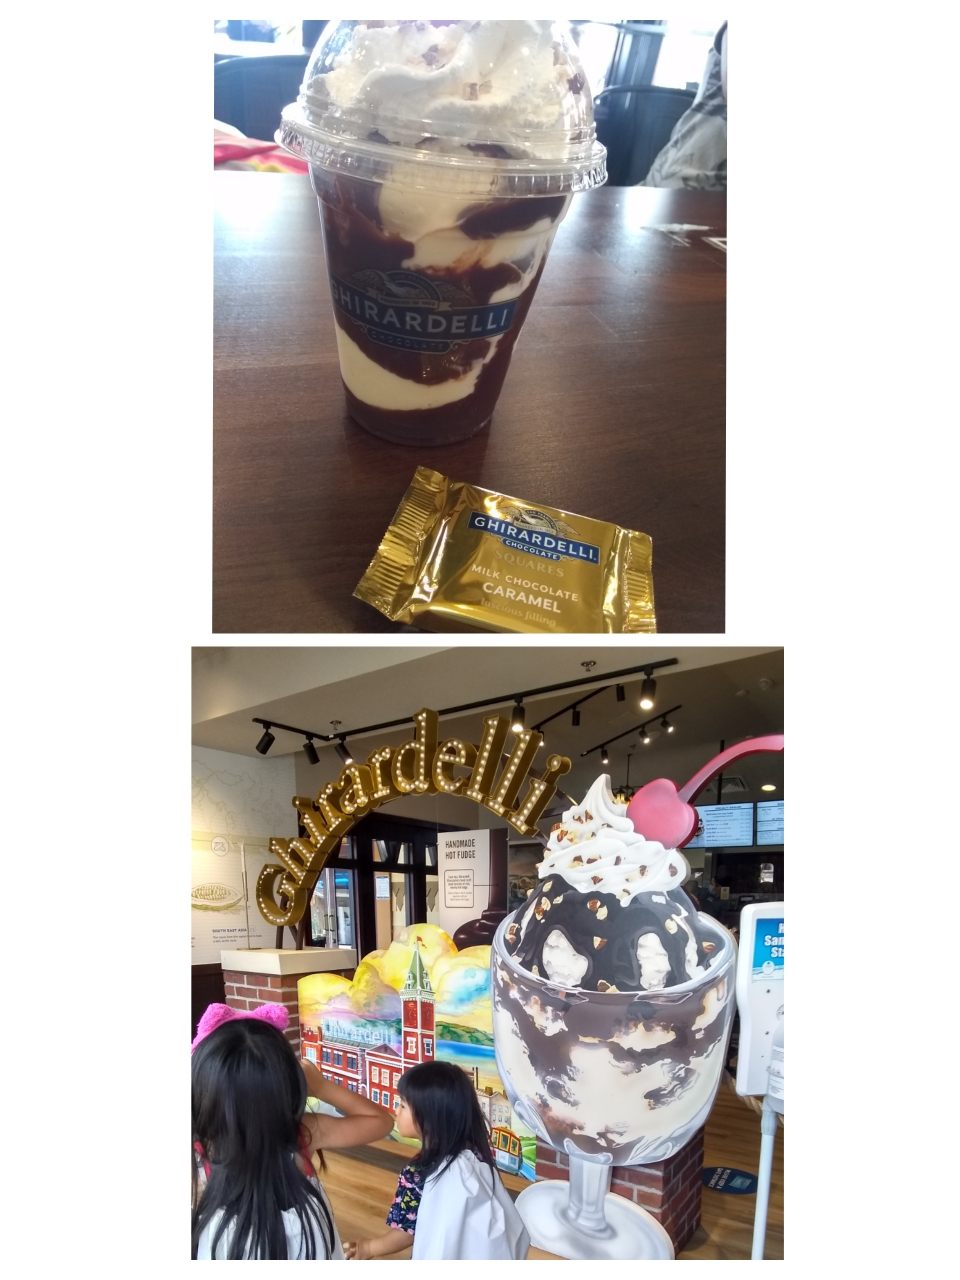 Ghirardelli (サンフランシスコ本店のチョコレーのお店)